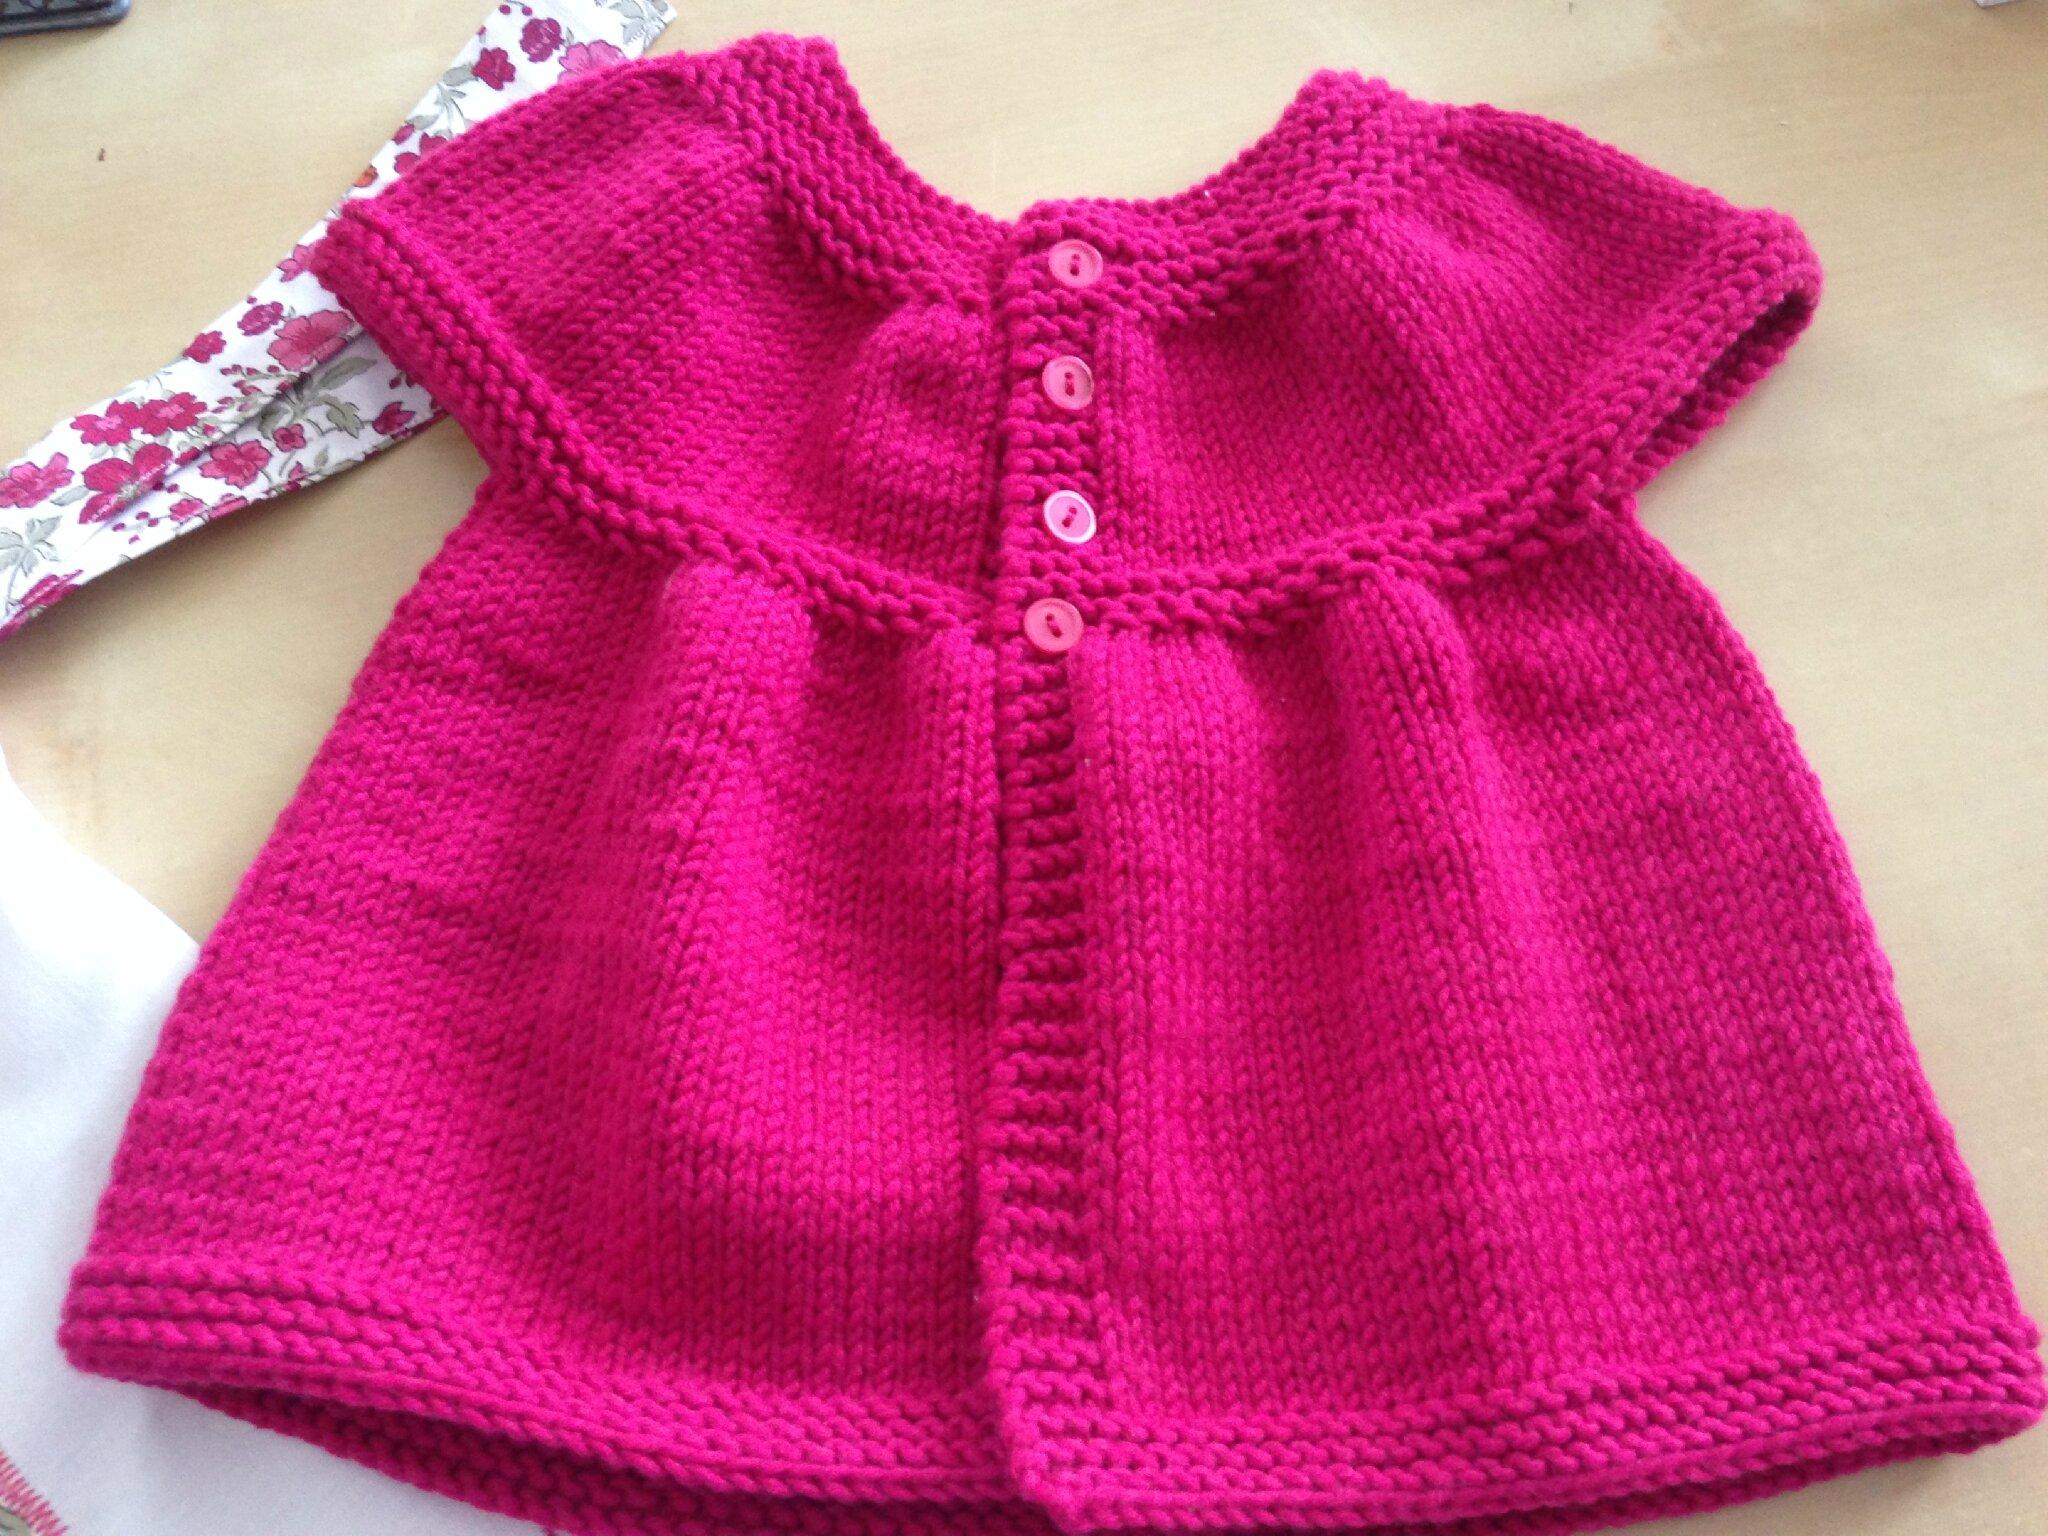 Gut gemocht Gilet bébé fille tricot - Grossesse et bébé AR07